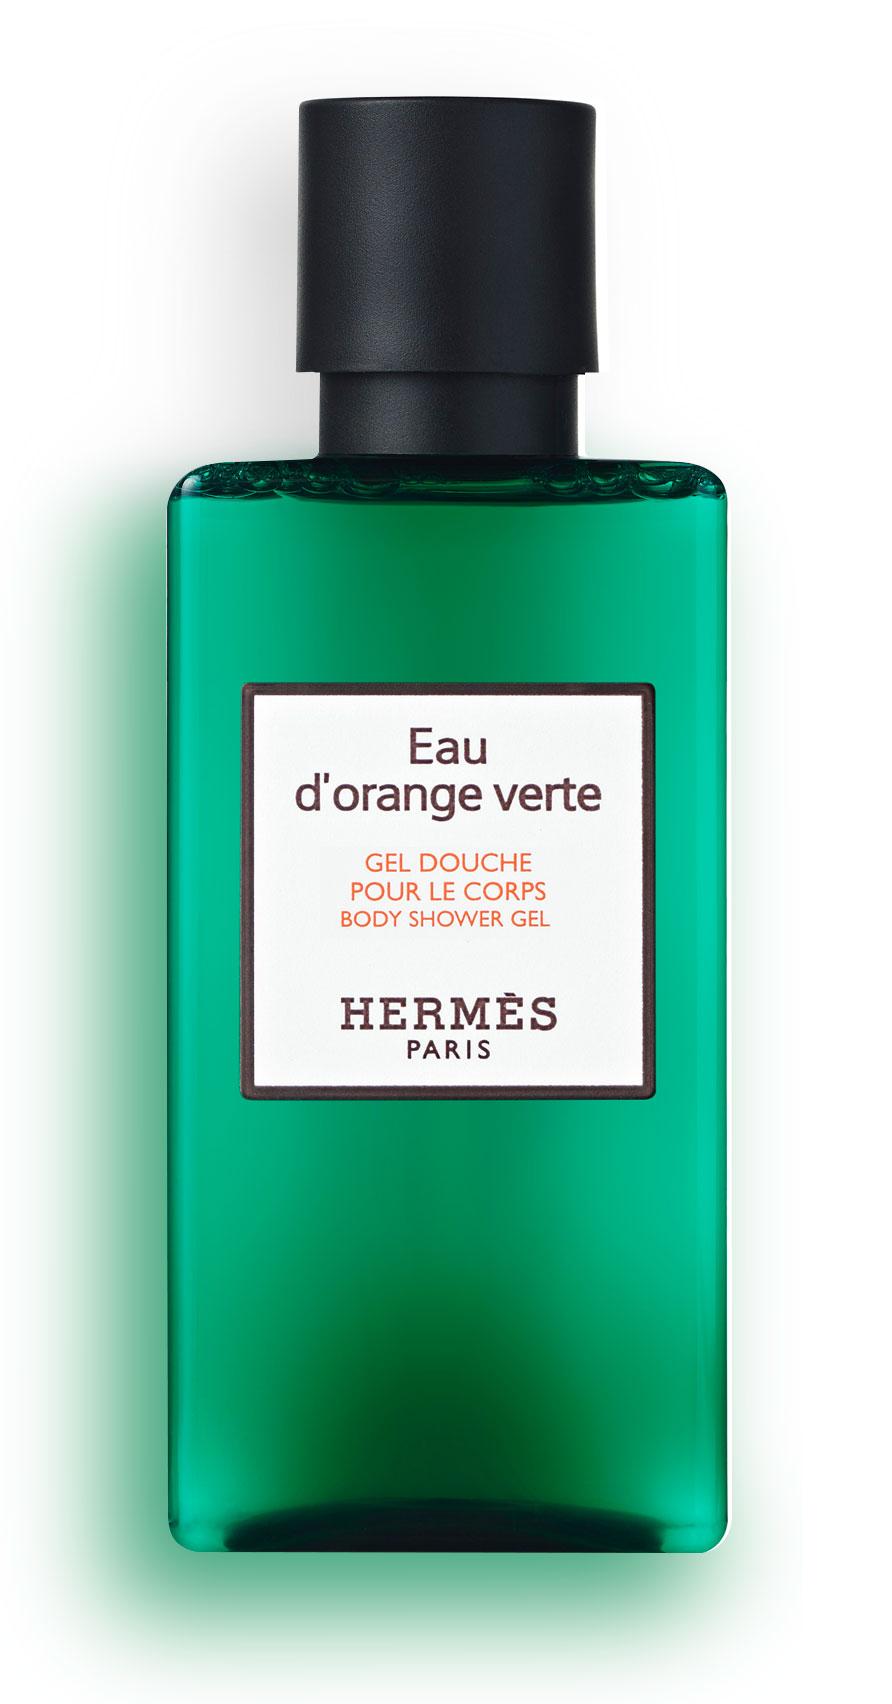 Hermès - Eau d'orange verte - Gel douche pour le corps 40 ml